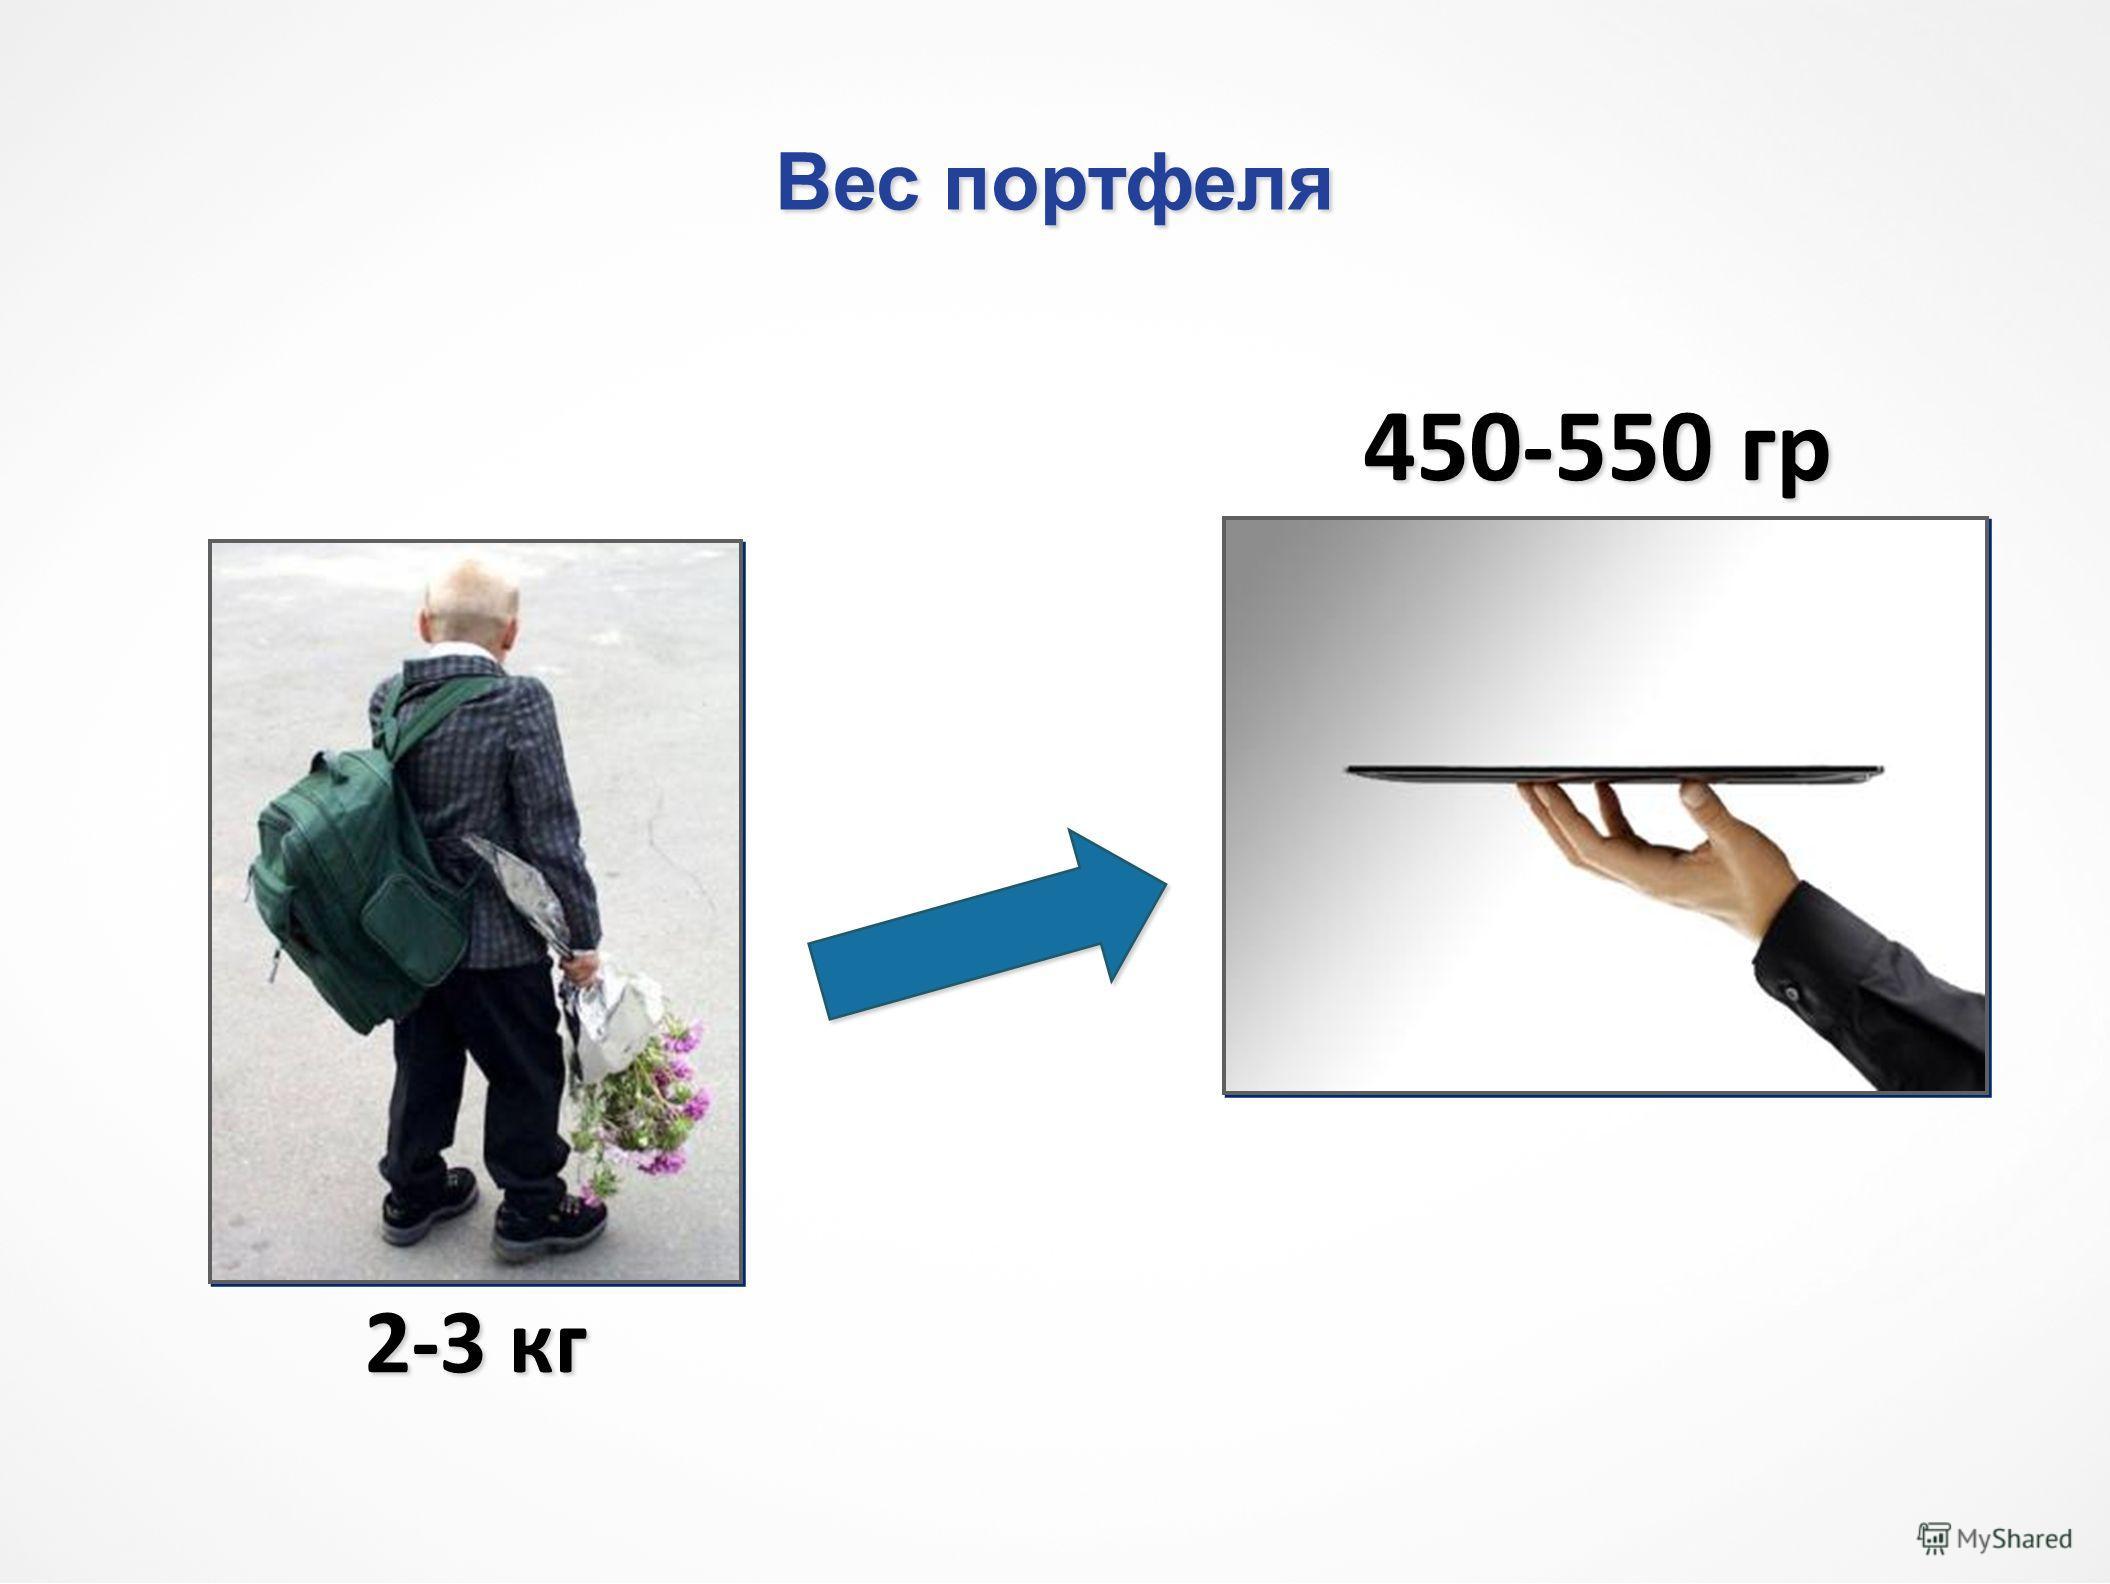 Вес портфеля 2-3 кг 450-550 гр